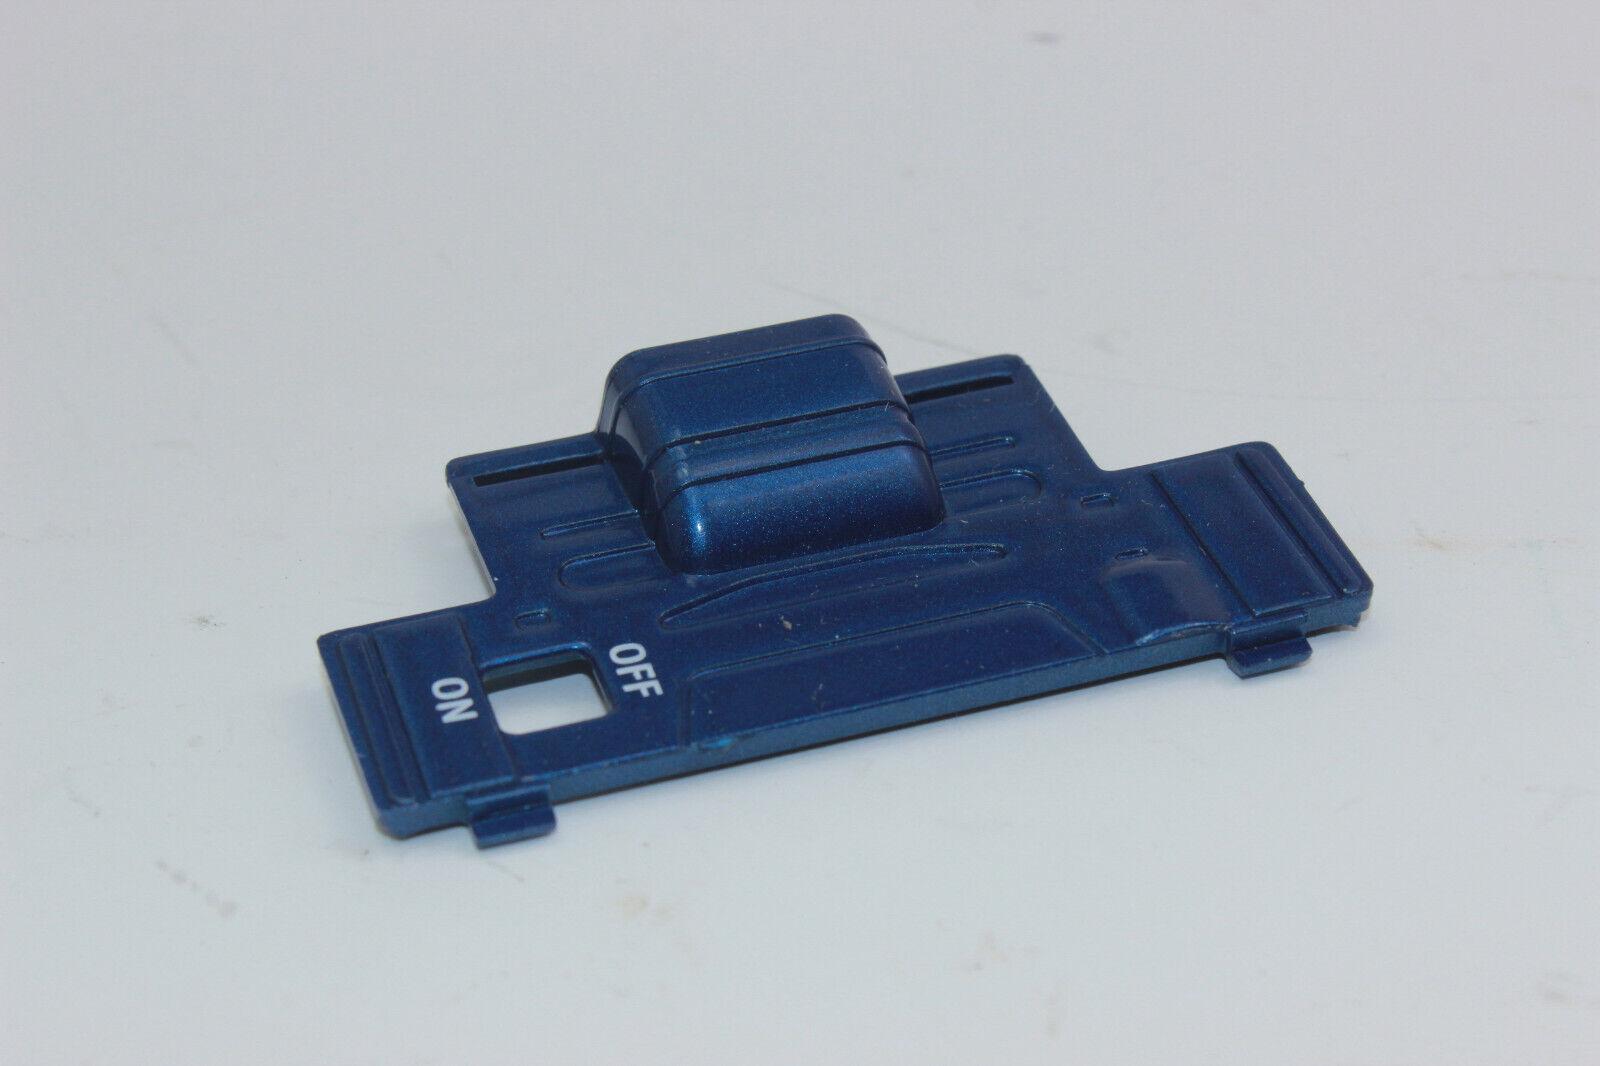 Siku 6725 Tapa batería Tapa scania tractor azul 1:32 pieza de repuesto nuevo